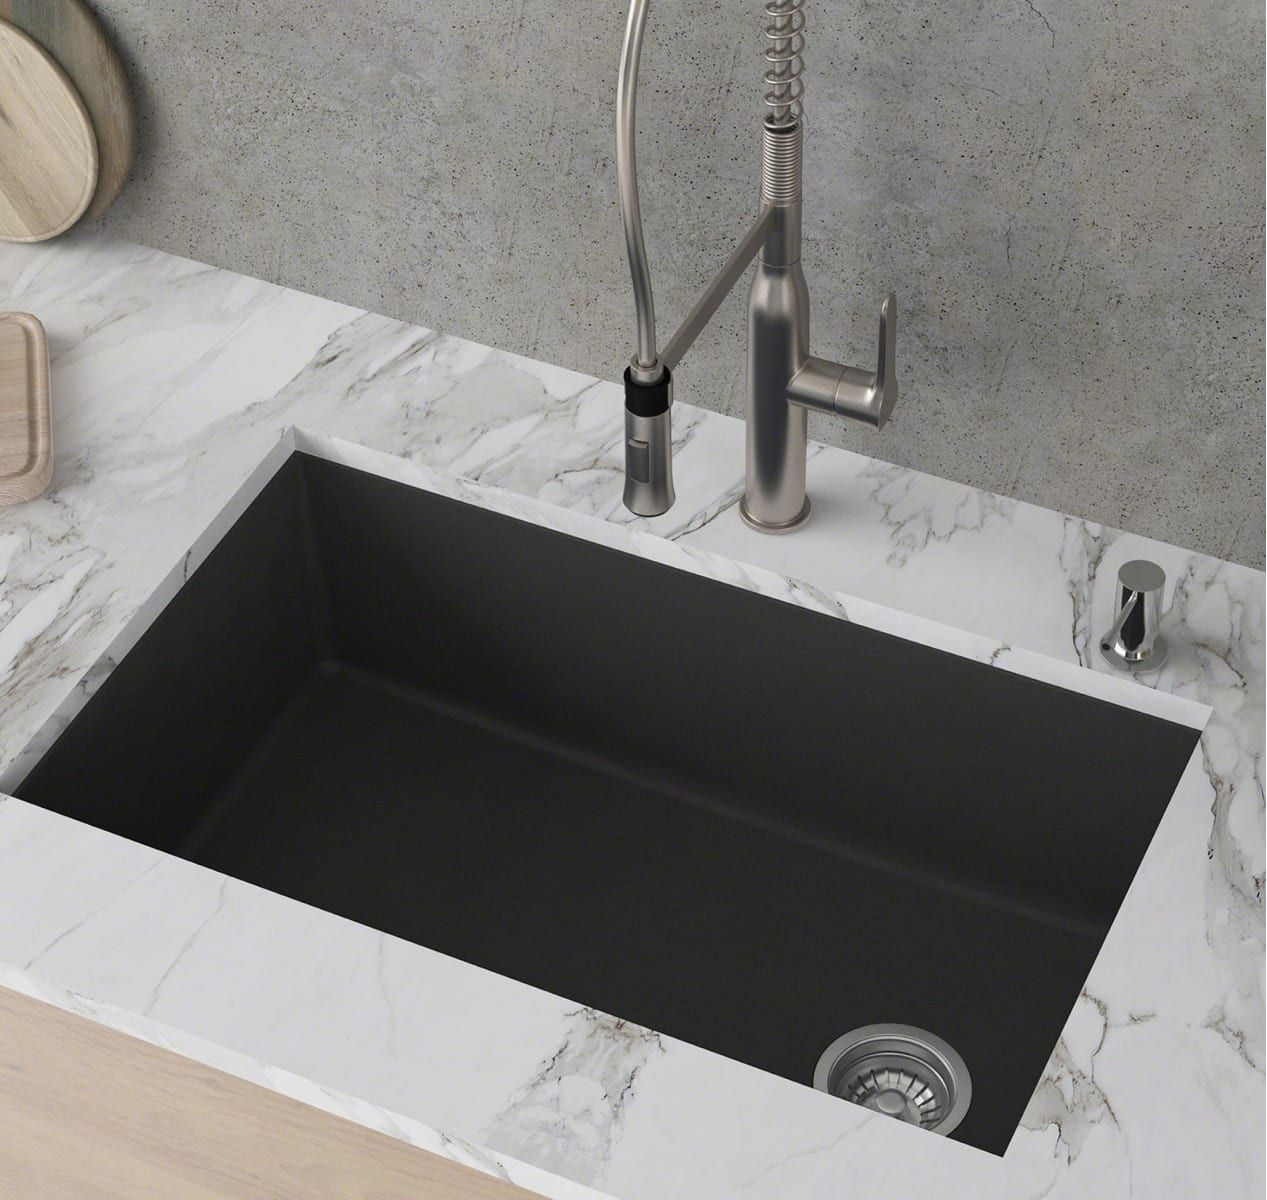 Kraus KGU55 Composite kitchen sinks, Best